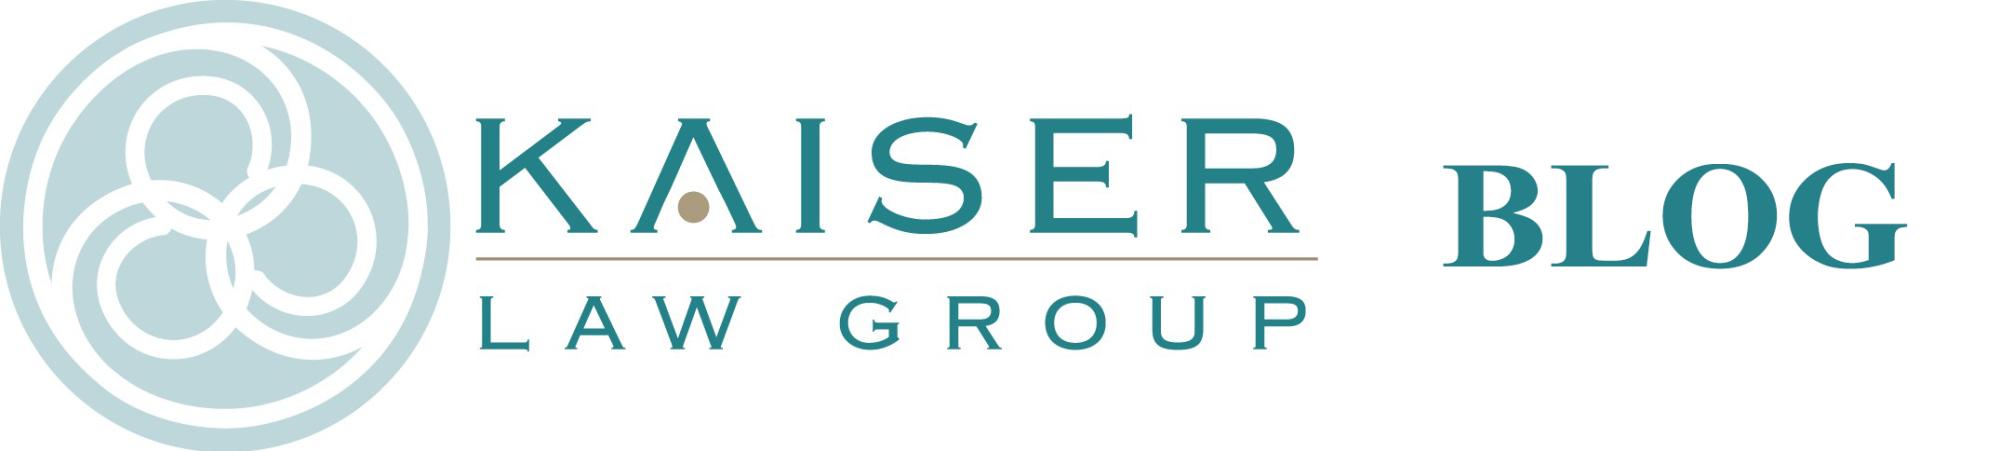 Kaiser Law Group Blog